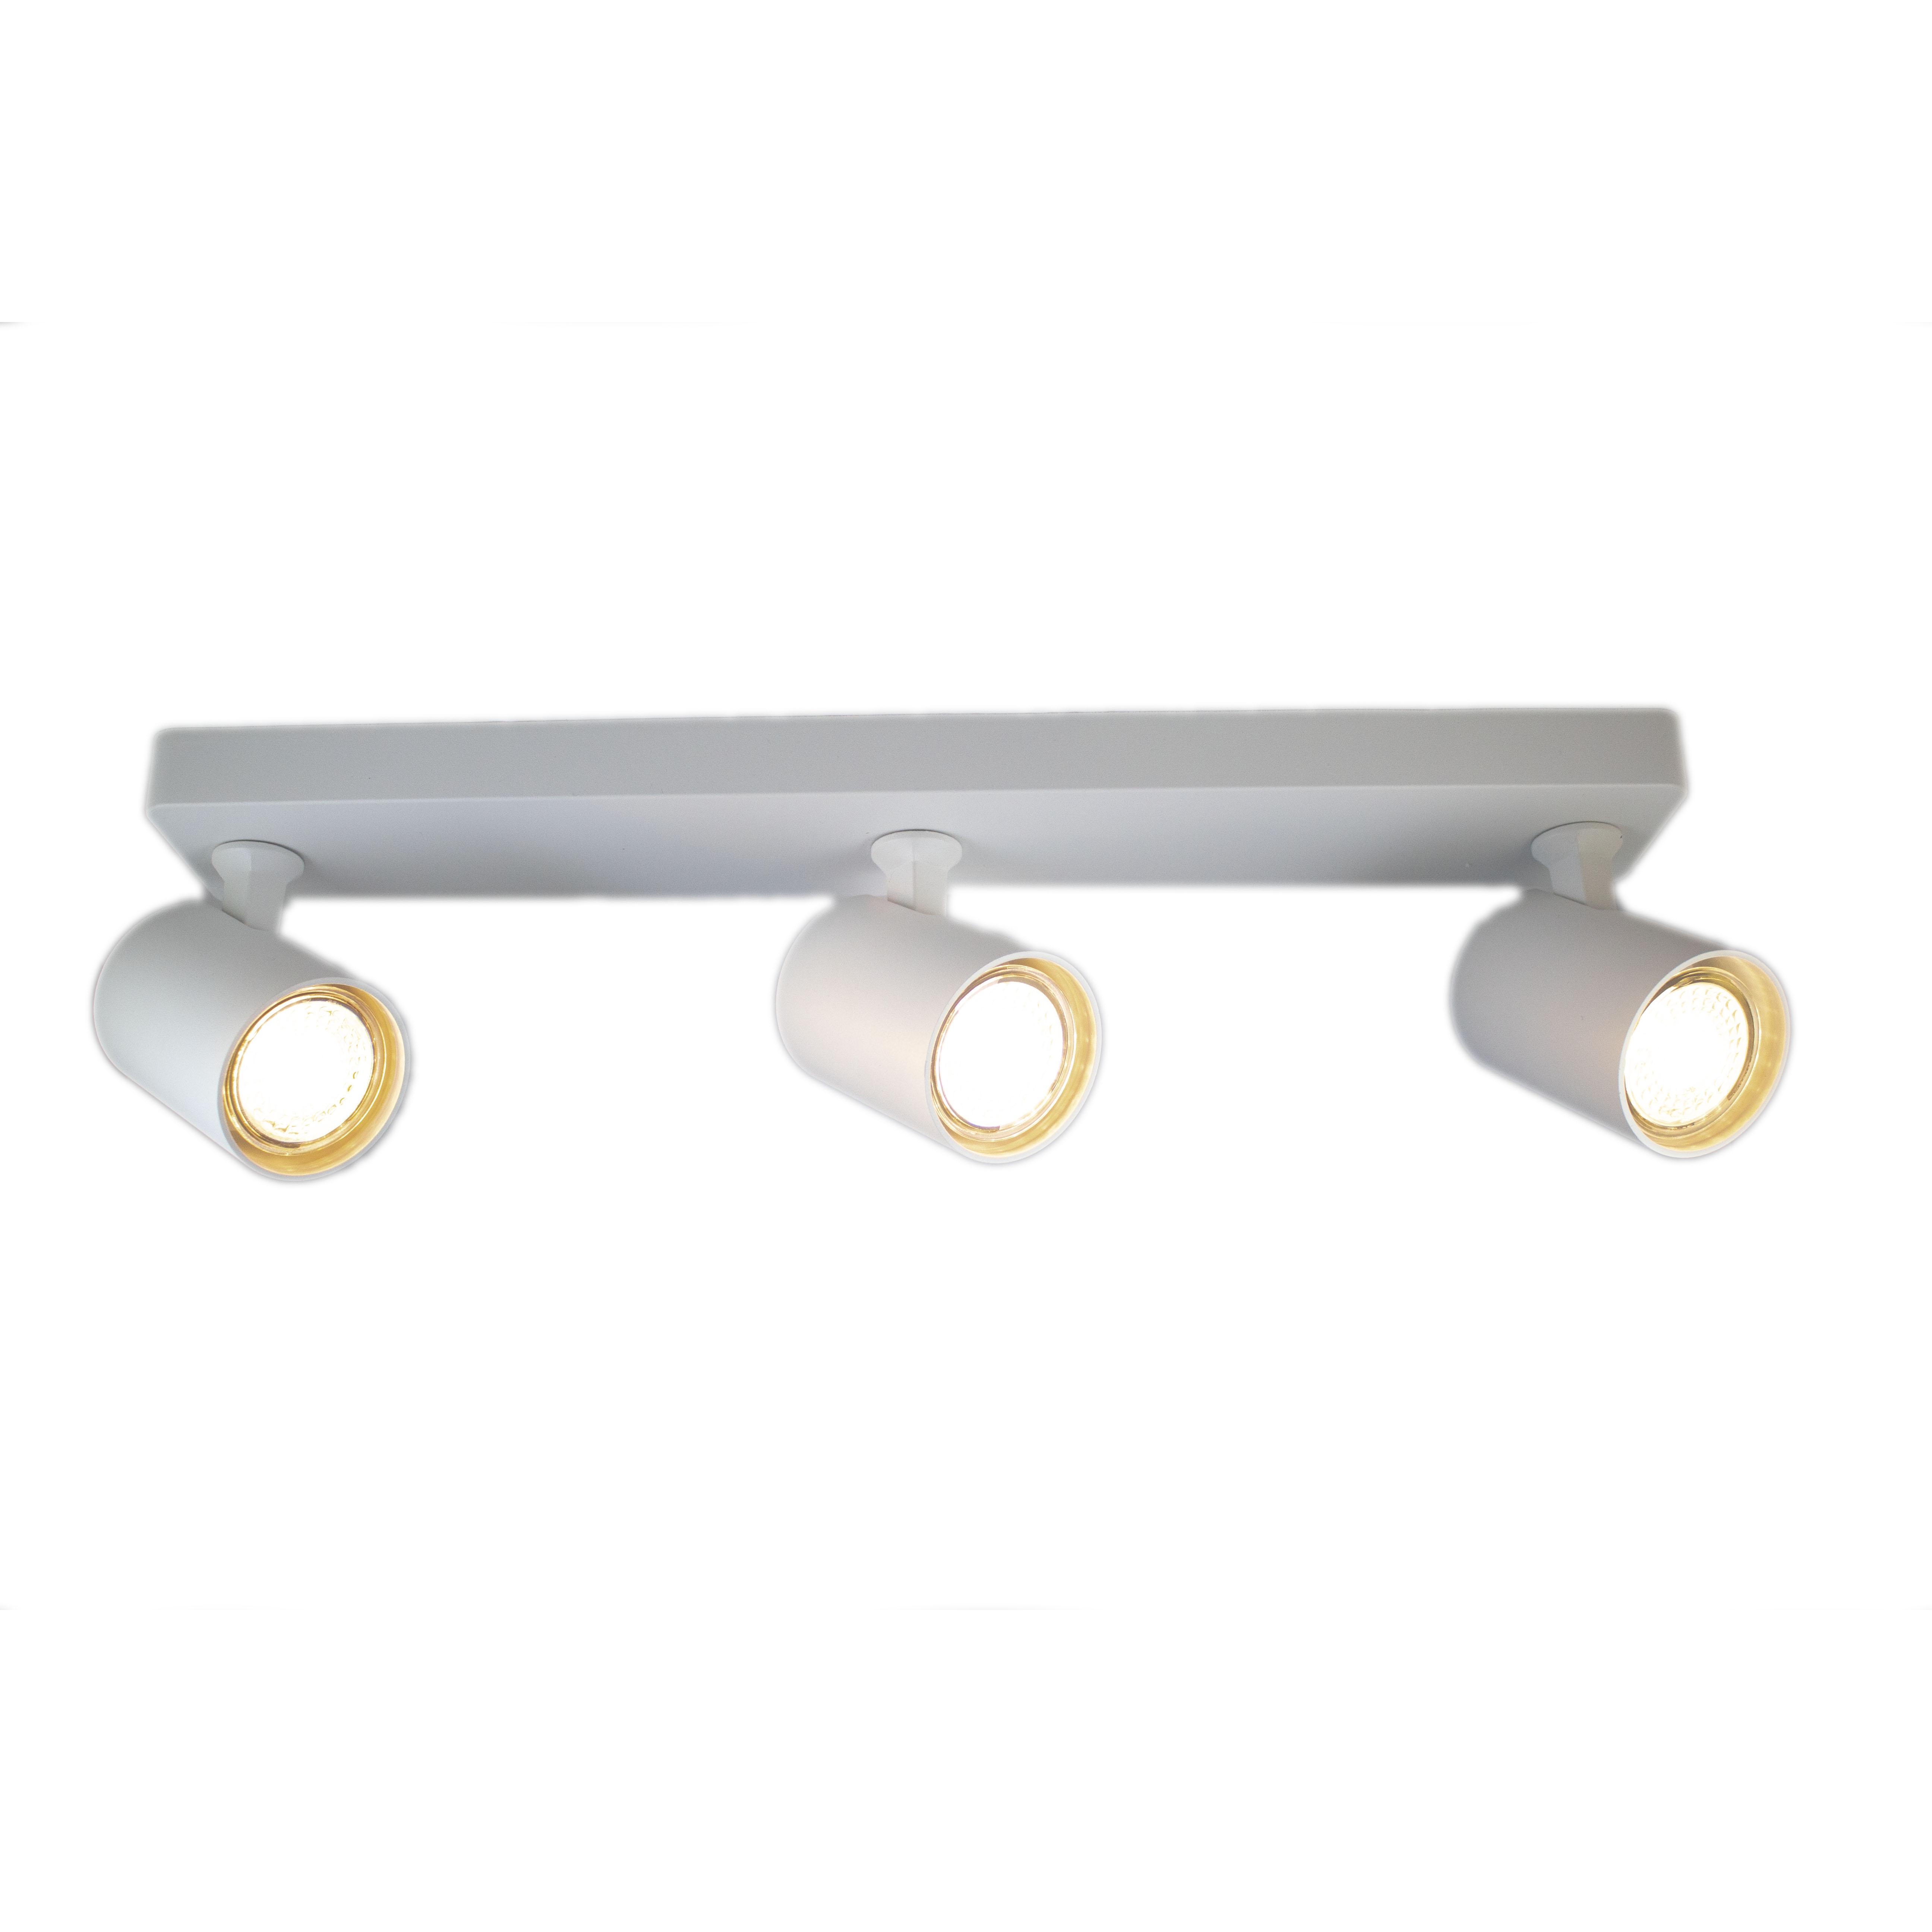 Opbouw spot rechthoek wit 3 keer gu10 fitting - vooraanzicht spot recht